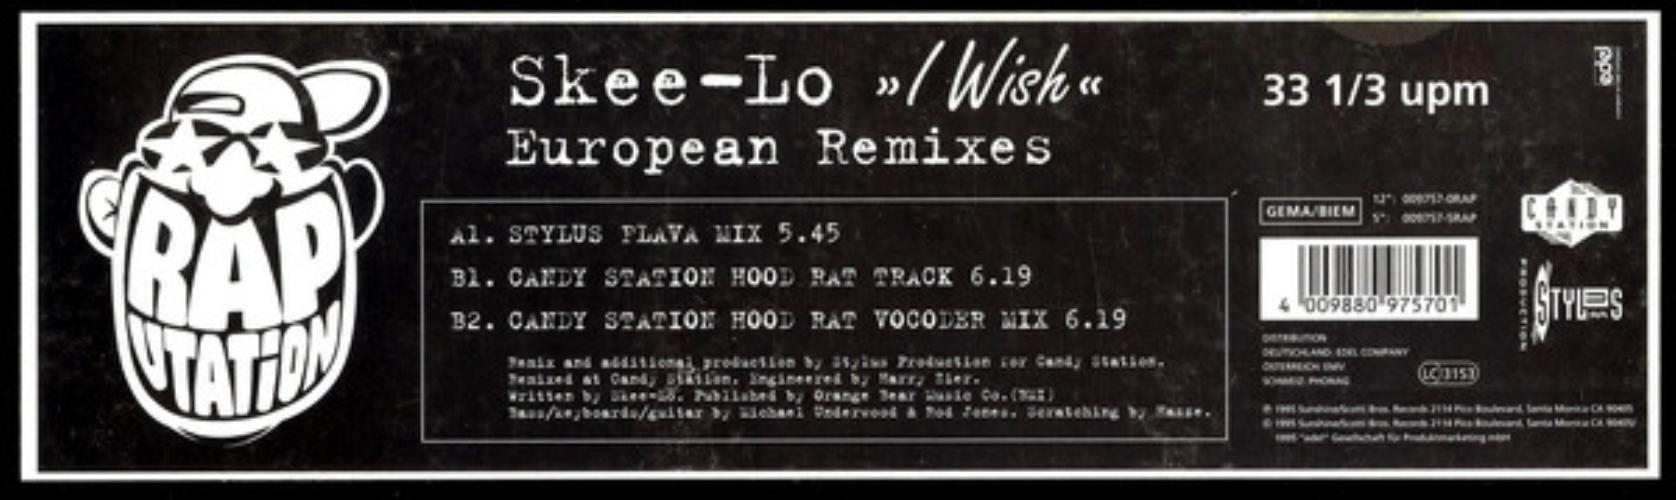 I Wish (european Remixes)